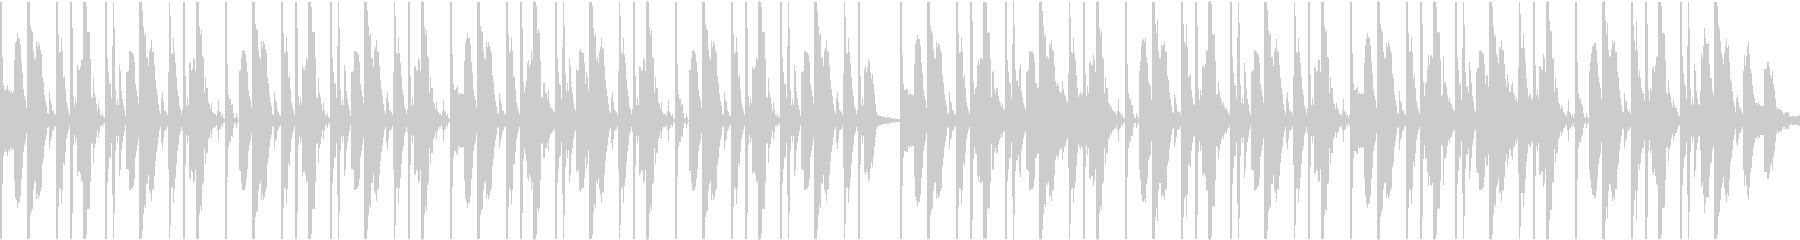 ダンサブルなファンクビート ver.2の未再生の波形